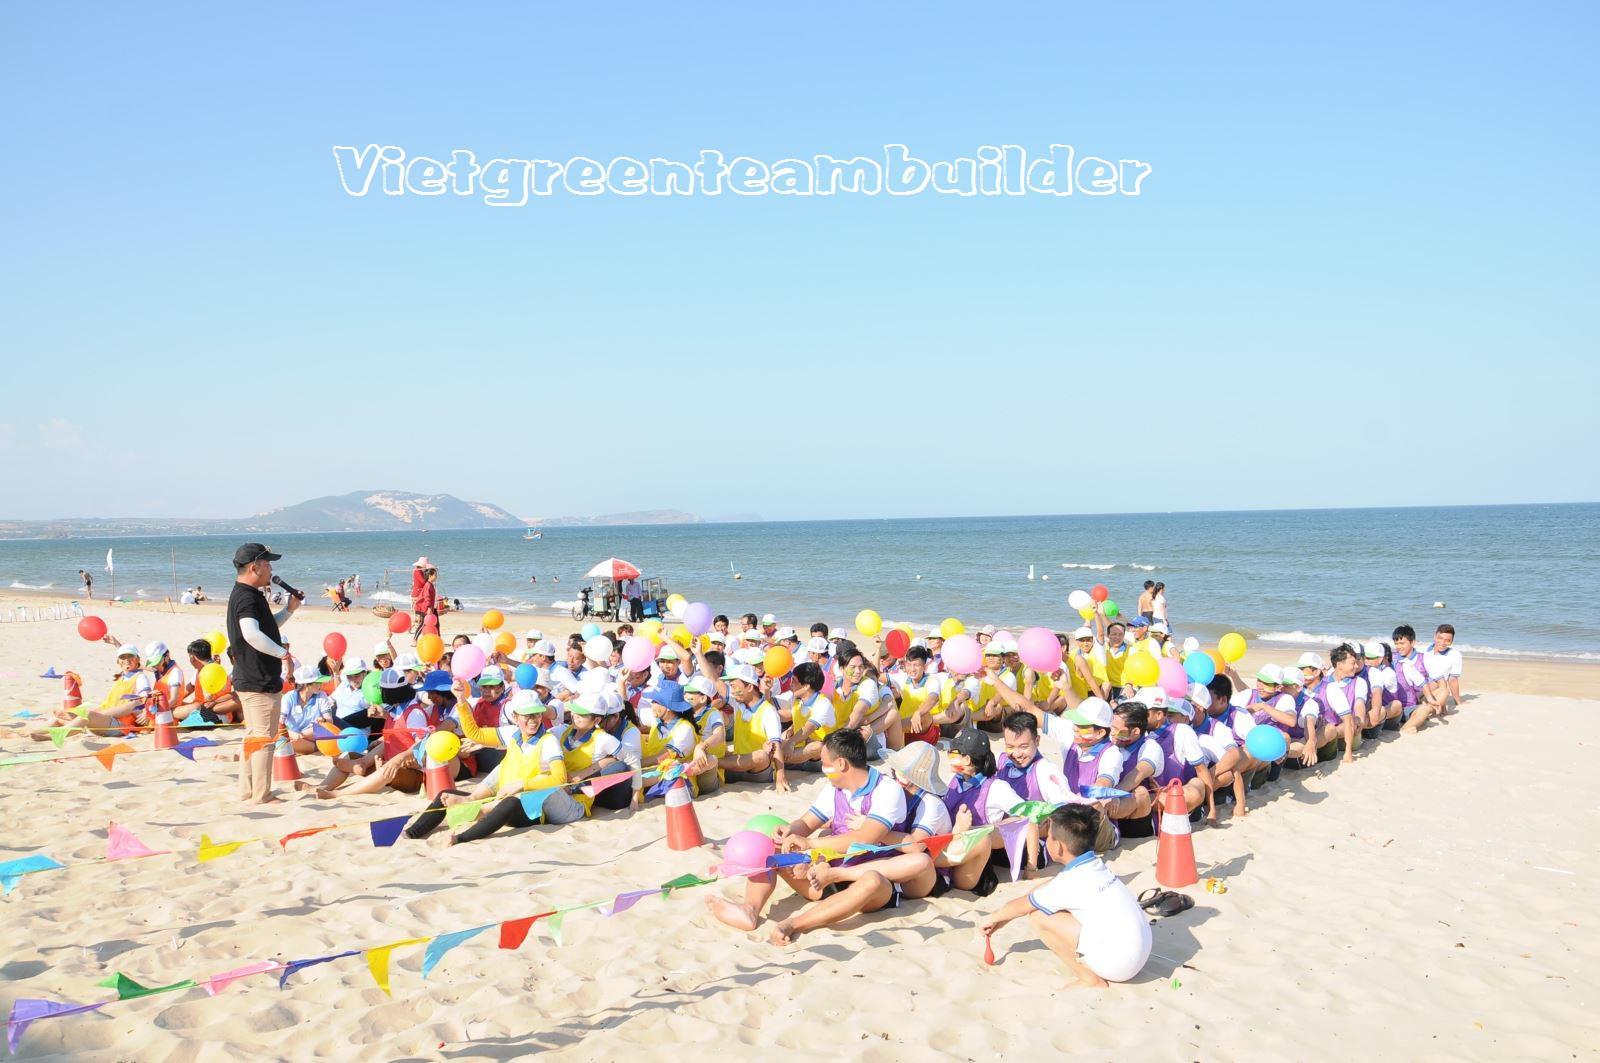 Du lịch Phan Thiết kết hợp teambuilding - gala 2 ngày 1 đêm